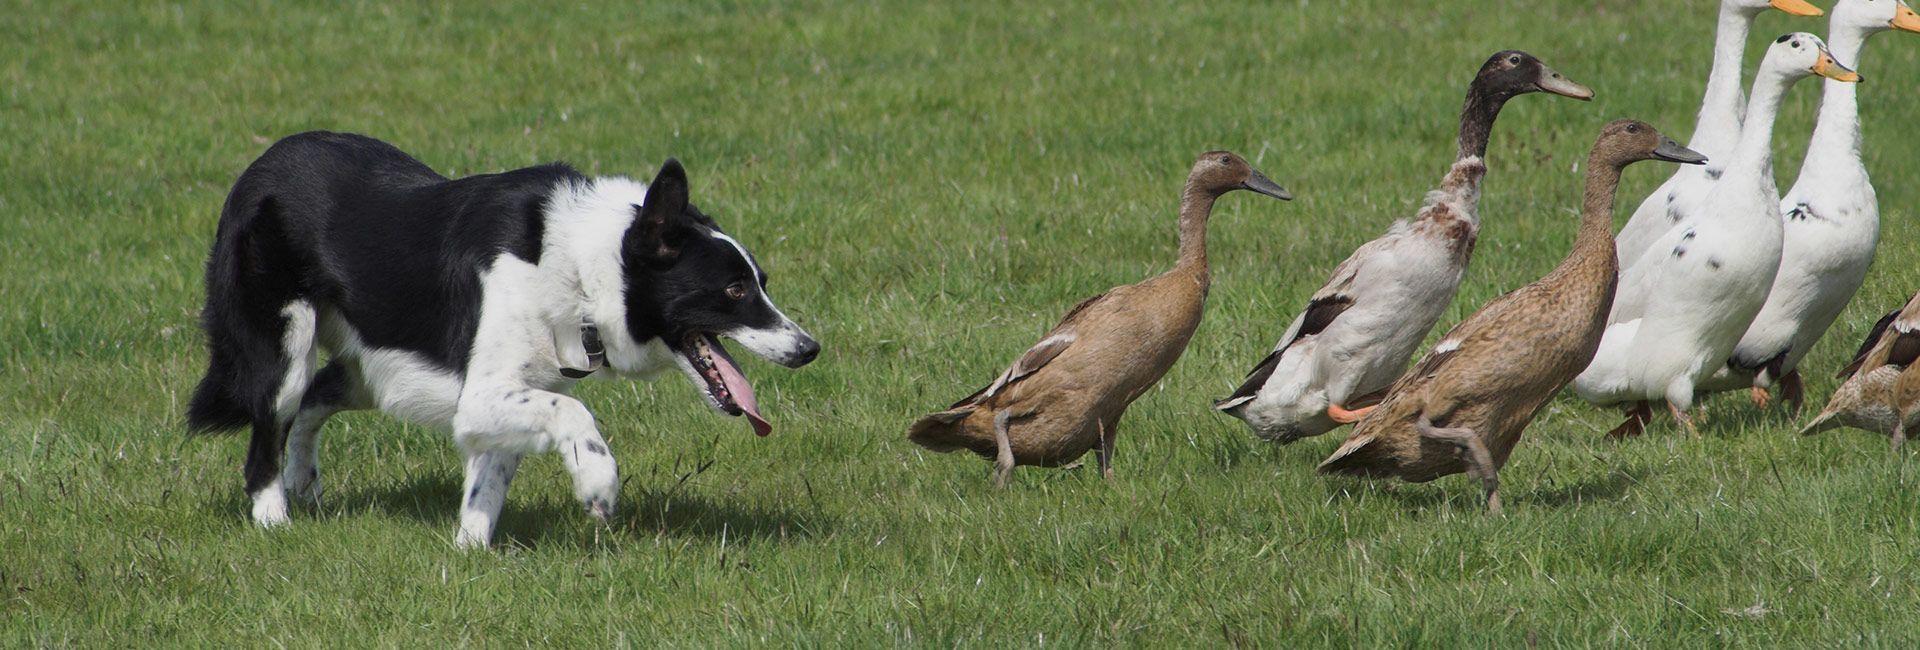 sheep dog handling